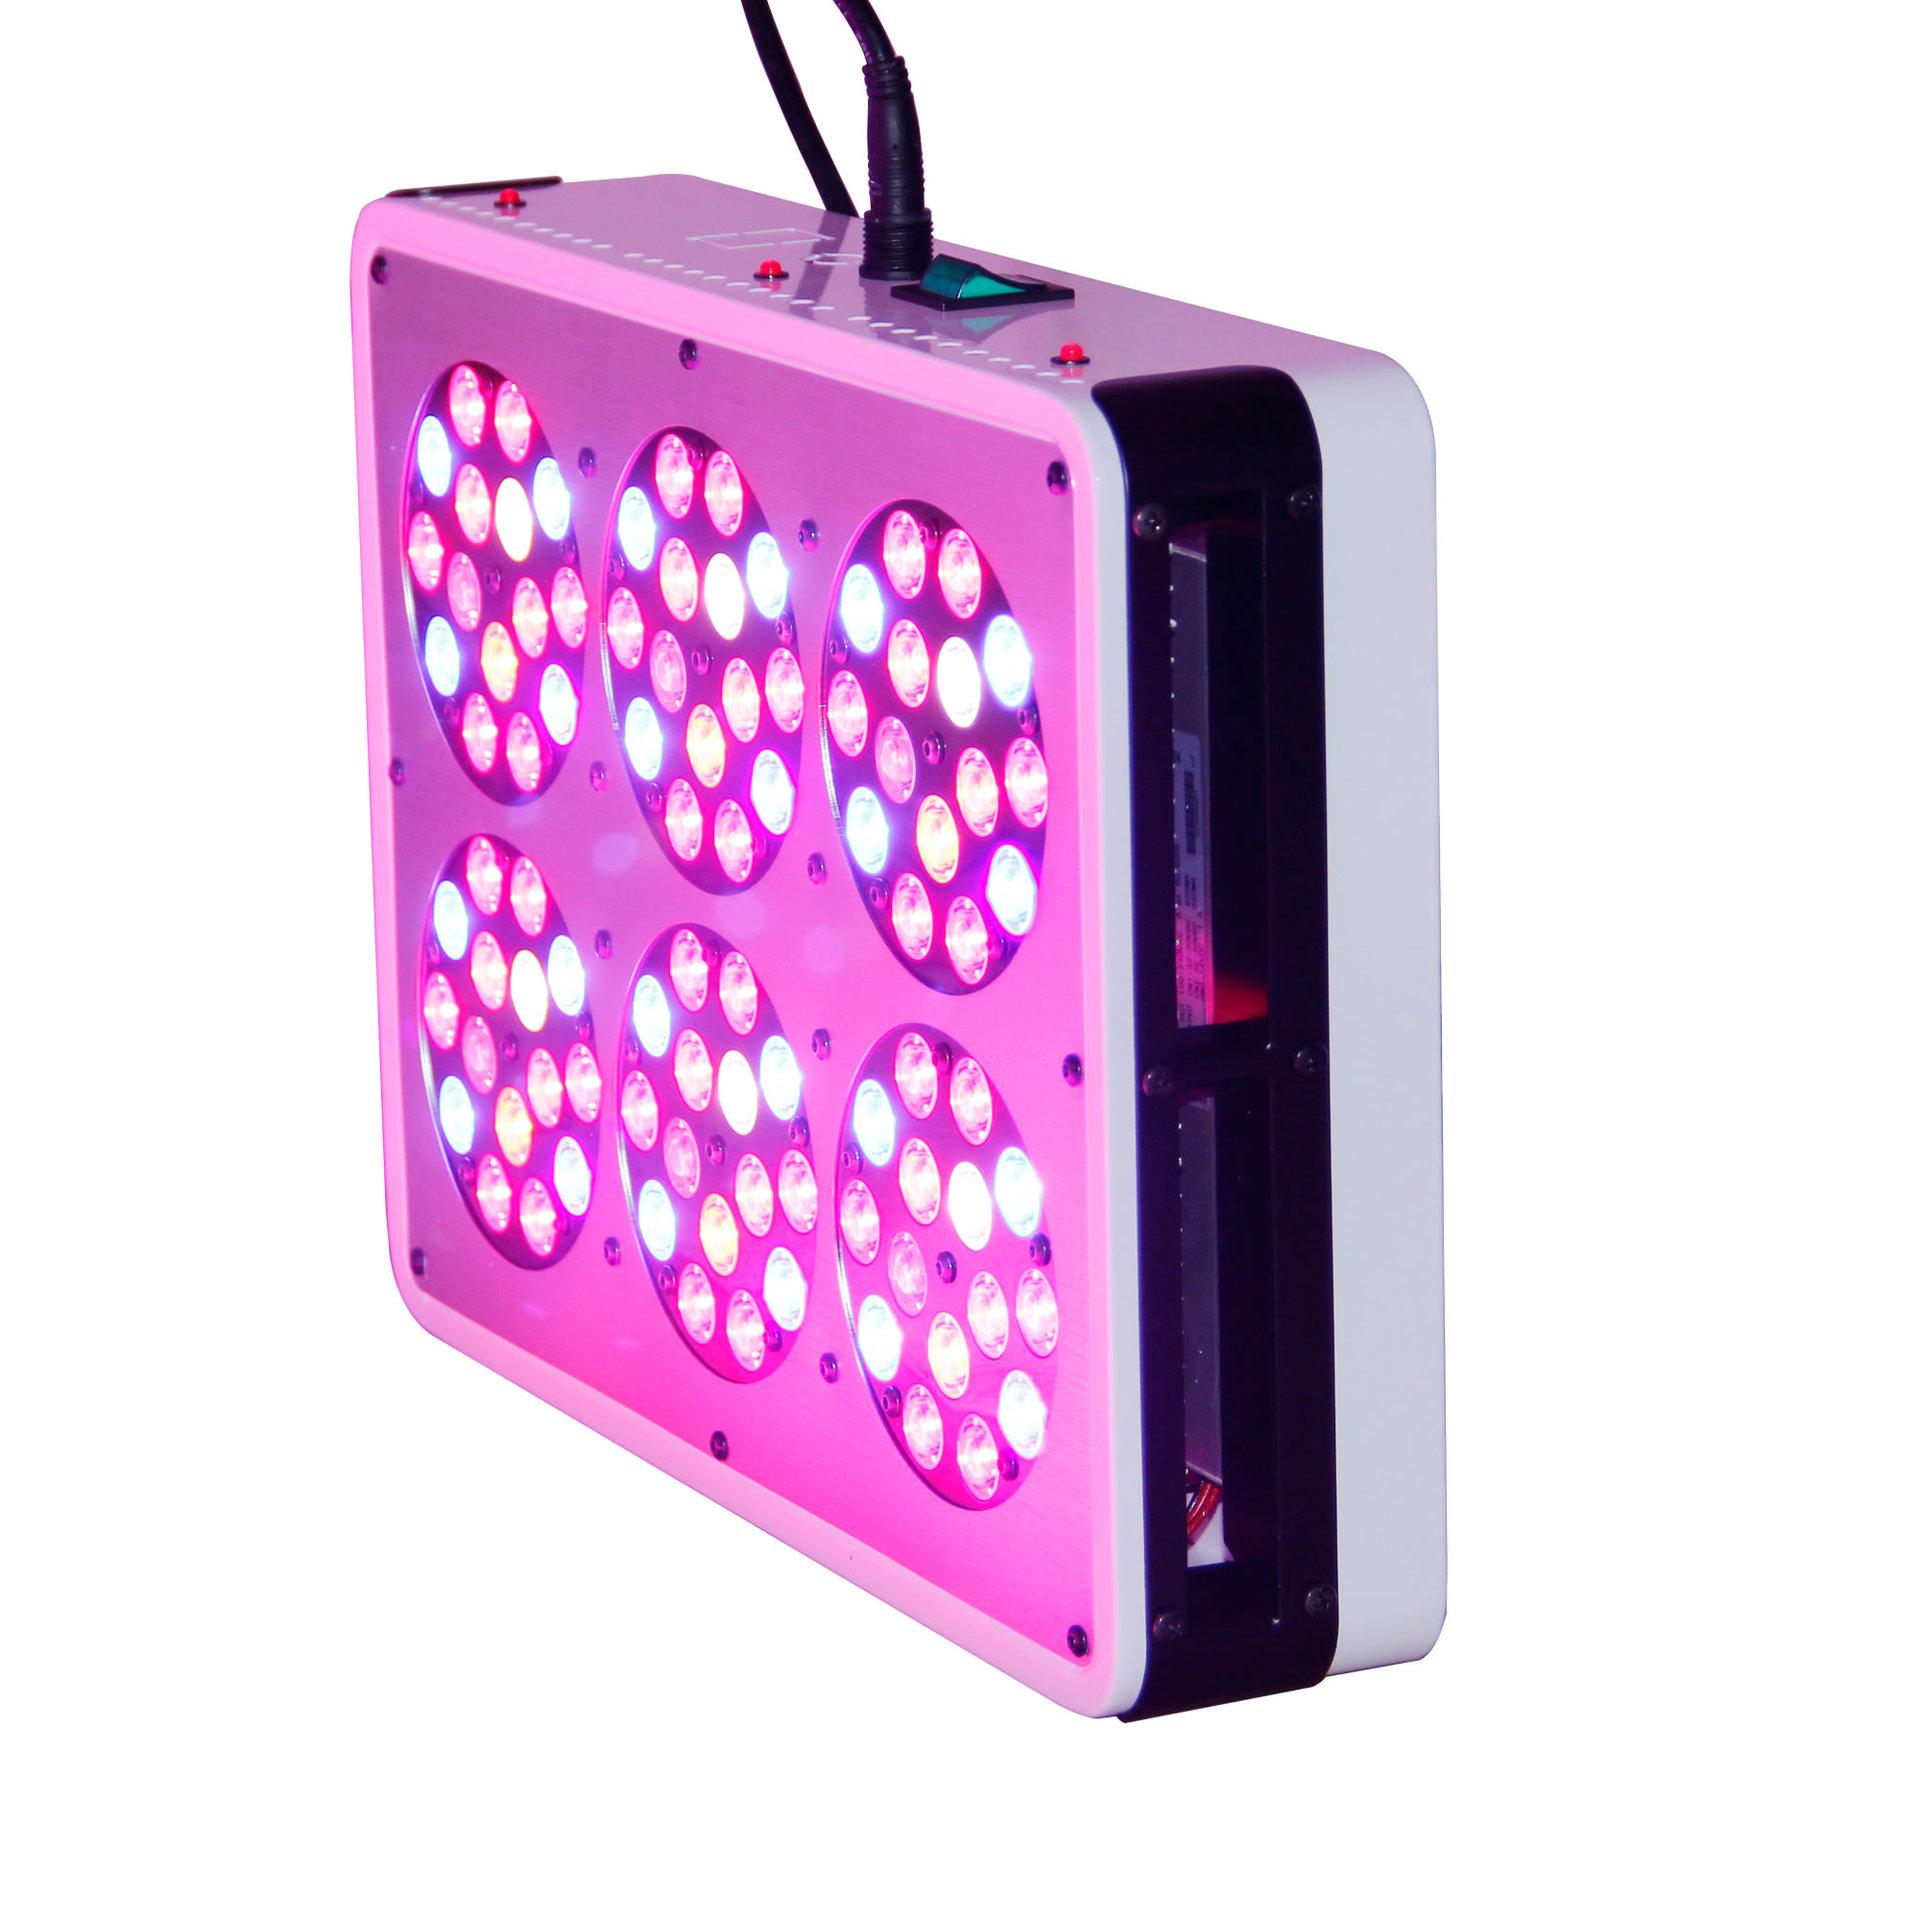 高性价比厂家供应200W LED植物灯,温室大棚种植补光灯